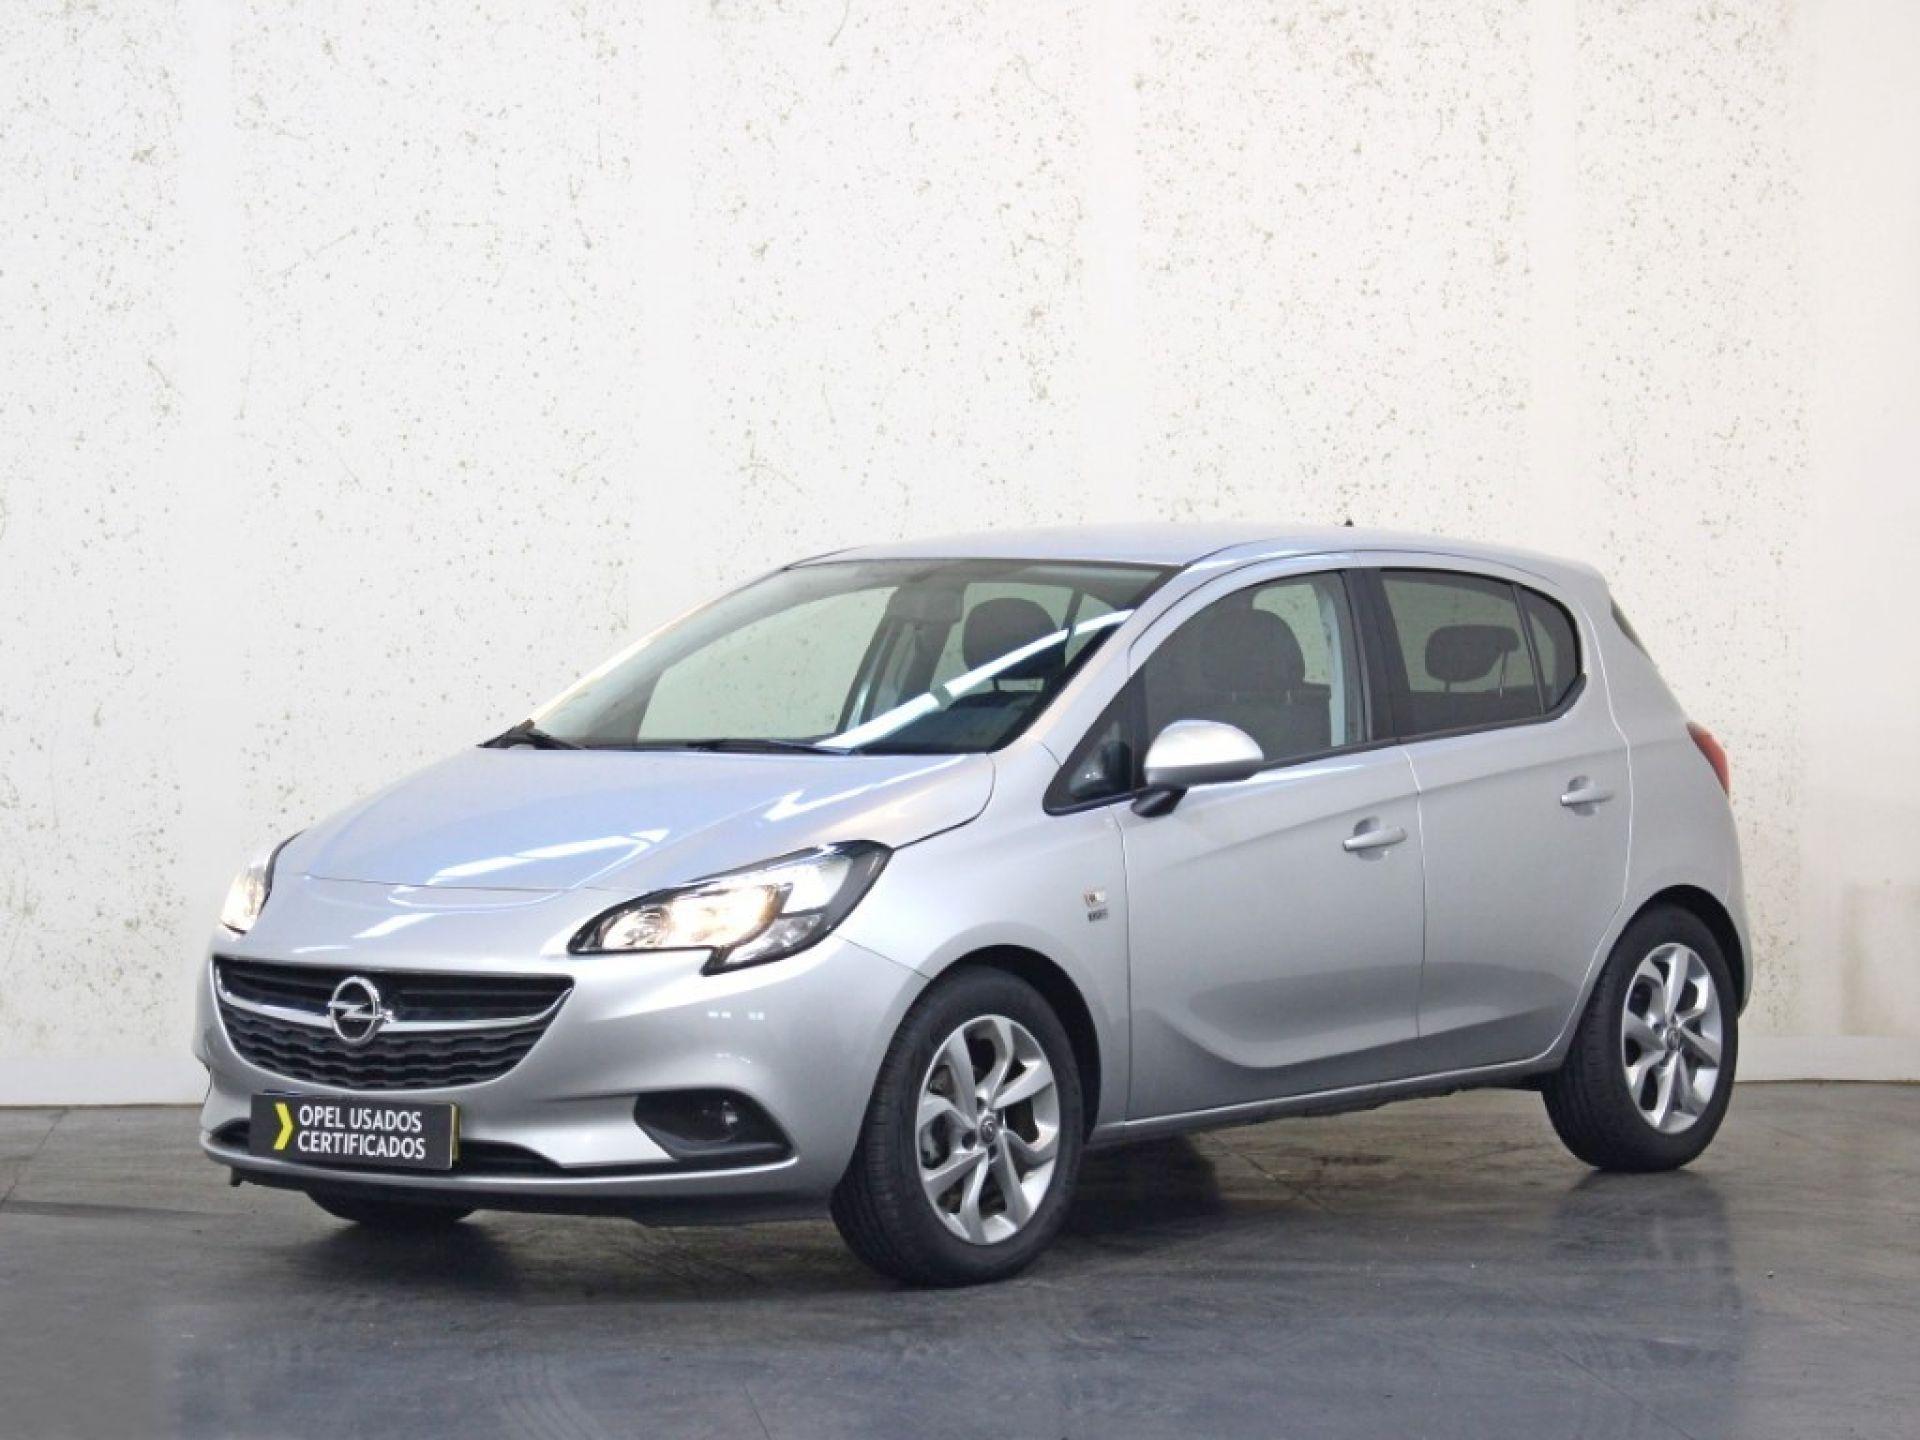 Opel Corsa 1.2 70cv 120 Anos usada Porto